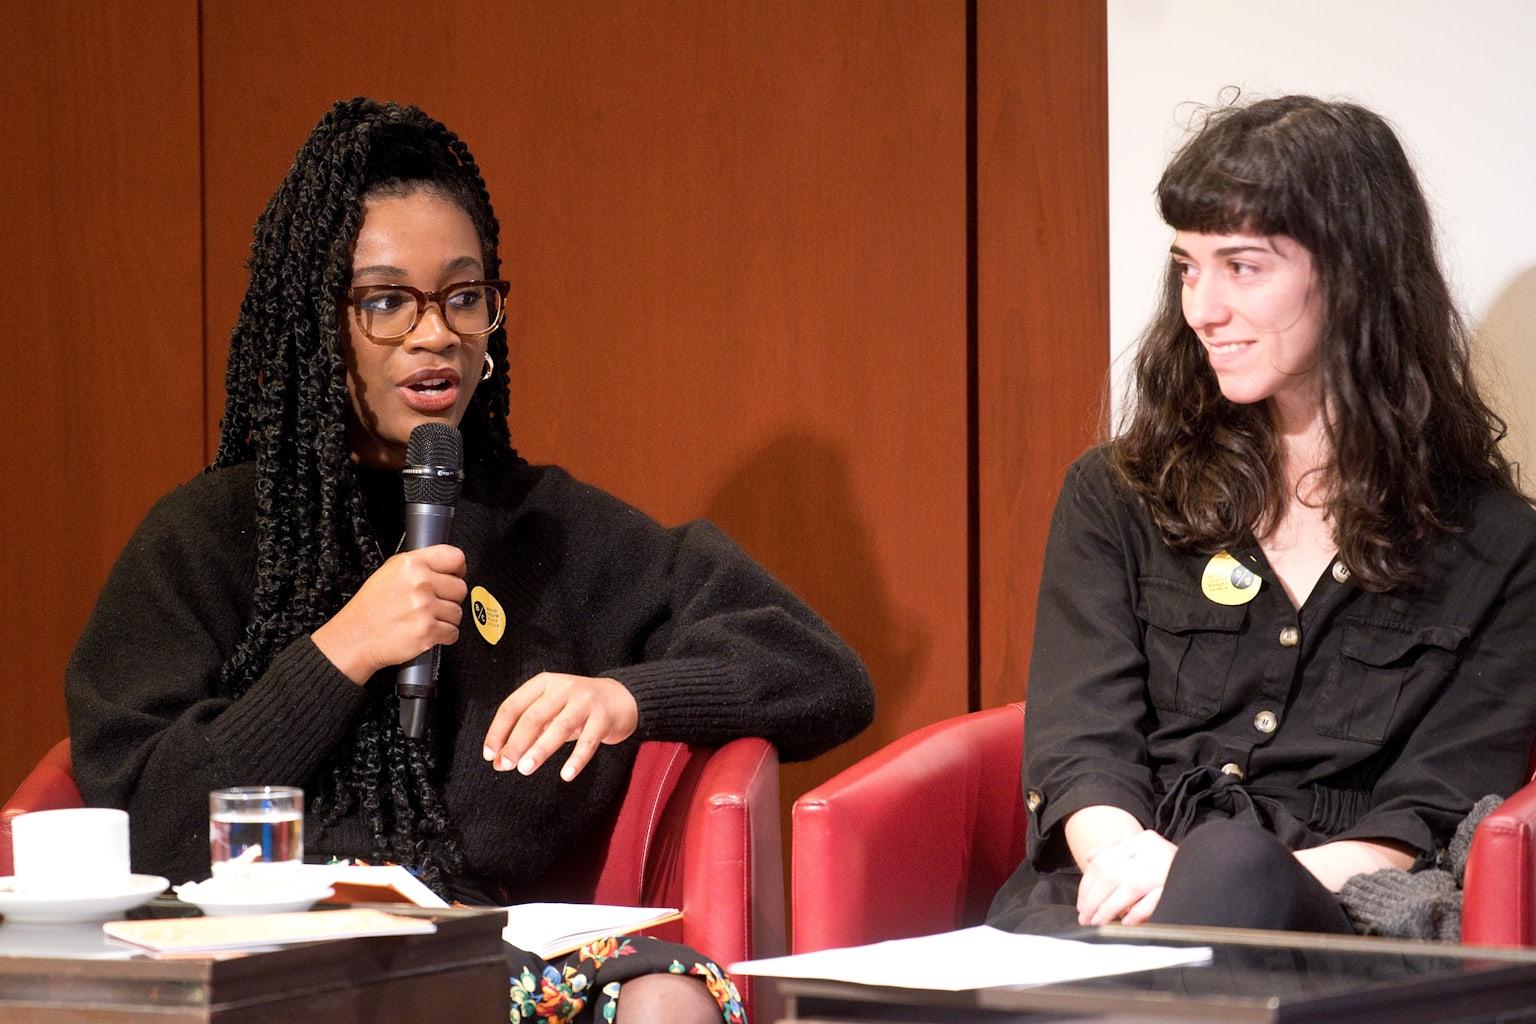 Uitgeefster Aimée Felone (Knights Of) in gesprek met illustrator Joana Estrela tijdens de conferentie in Lissabon.